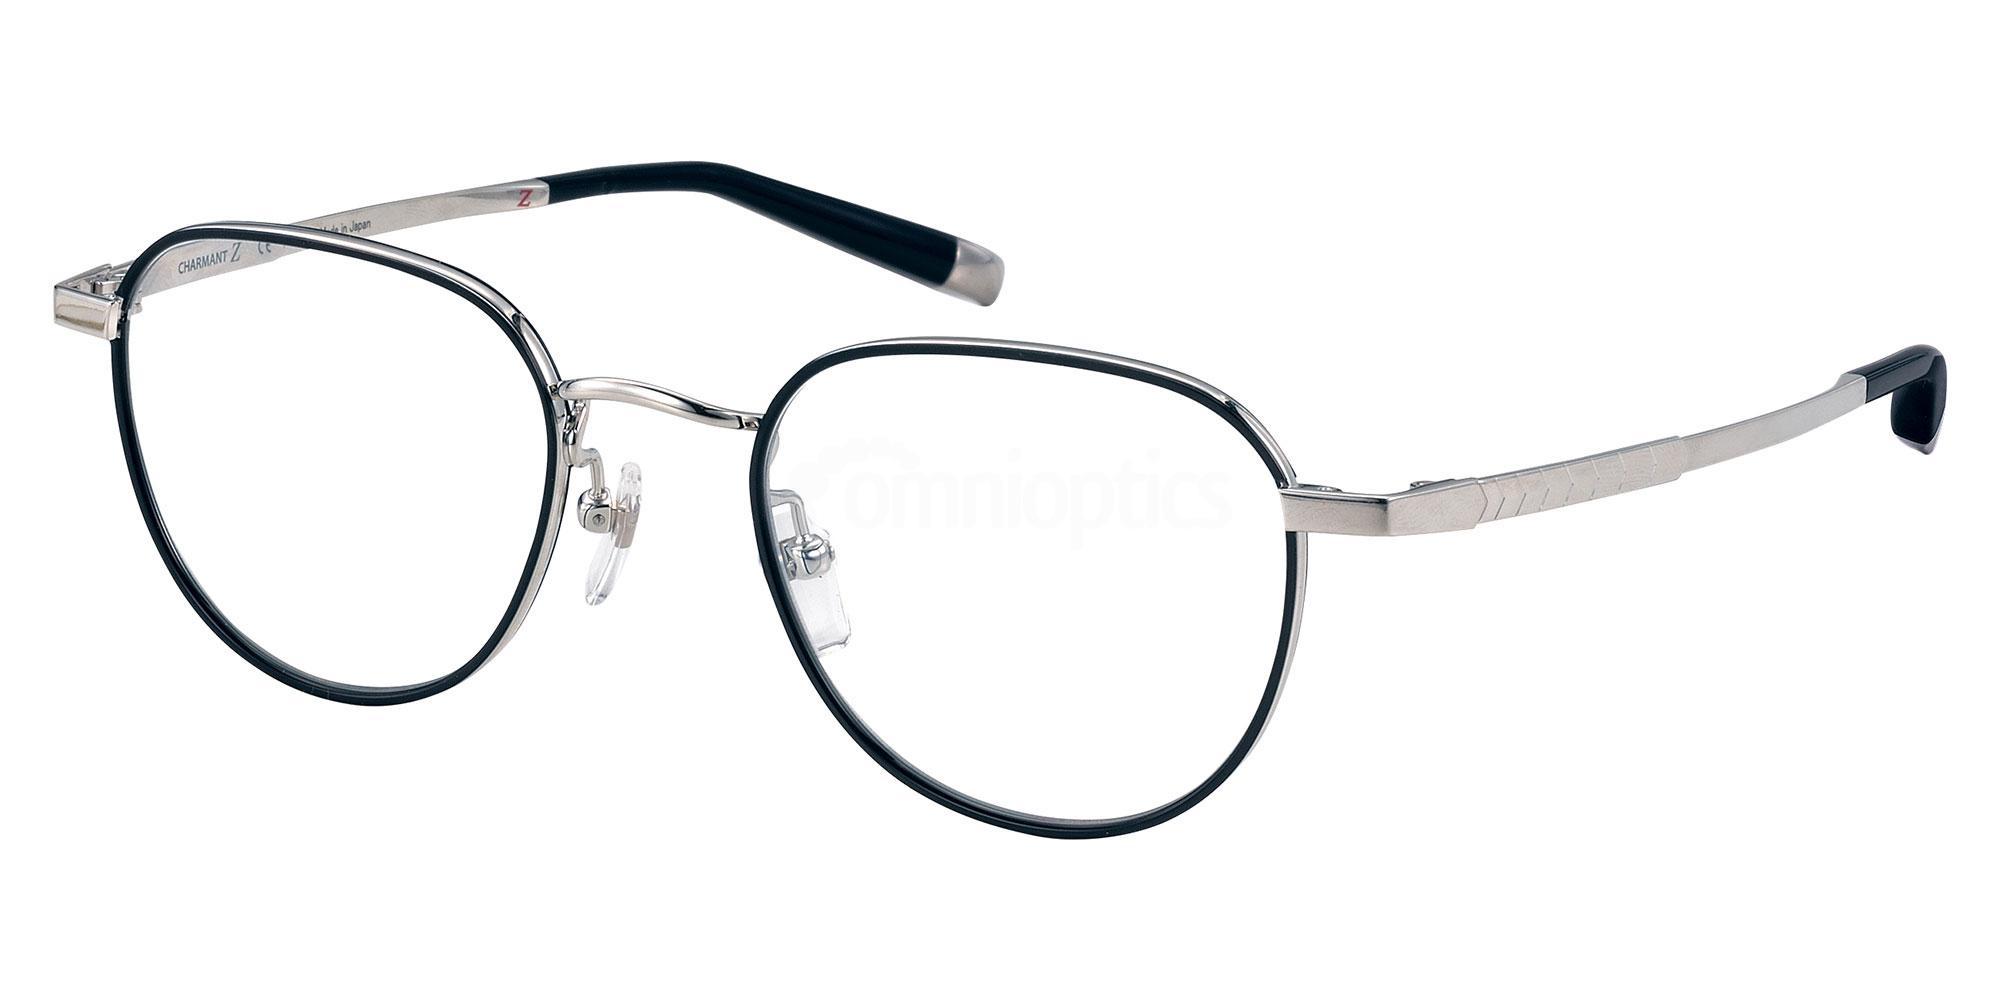 BK ZT19890 Glasses, Charmant Z